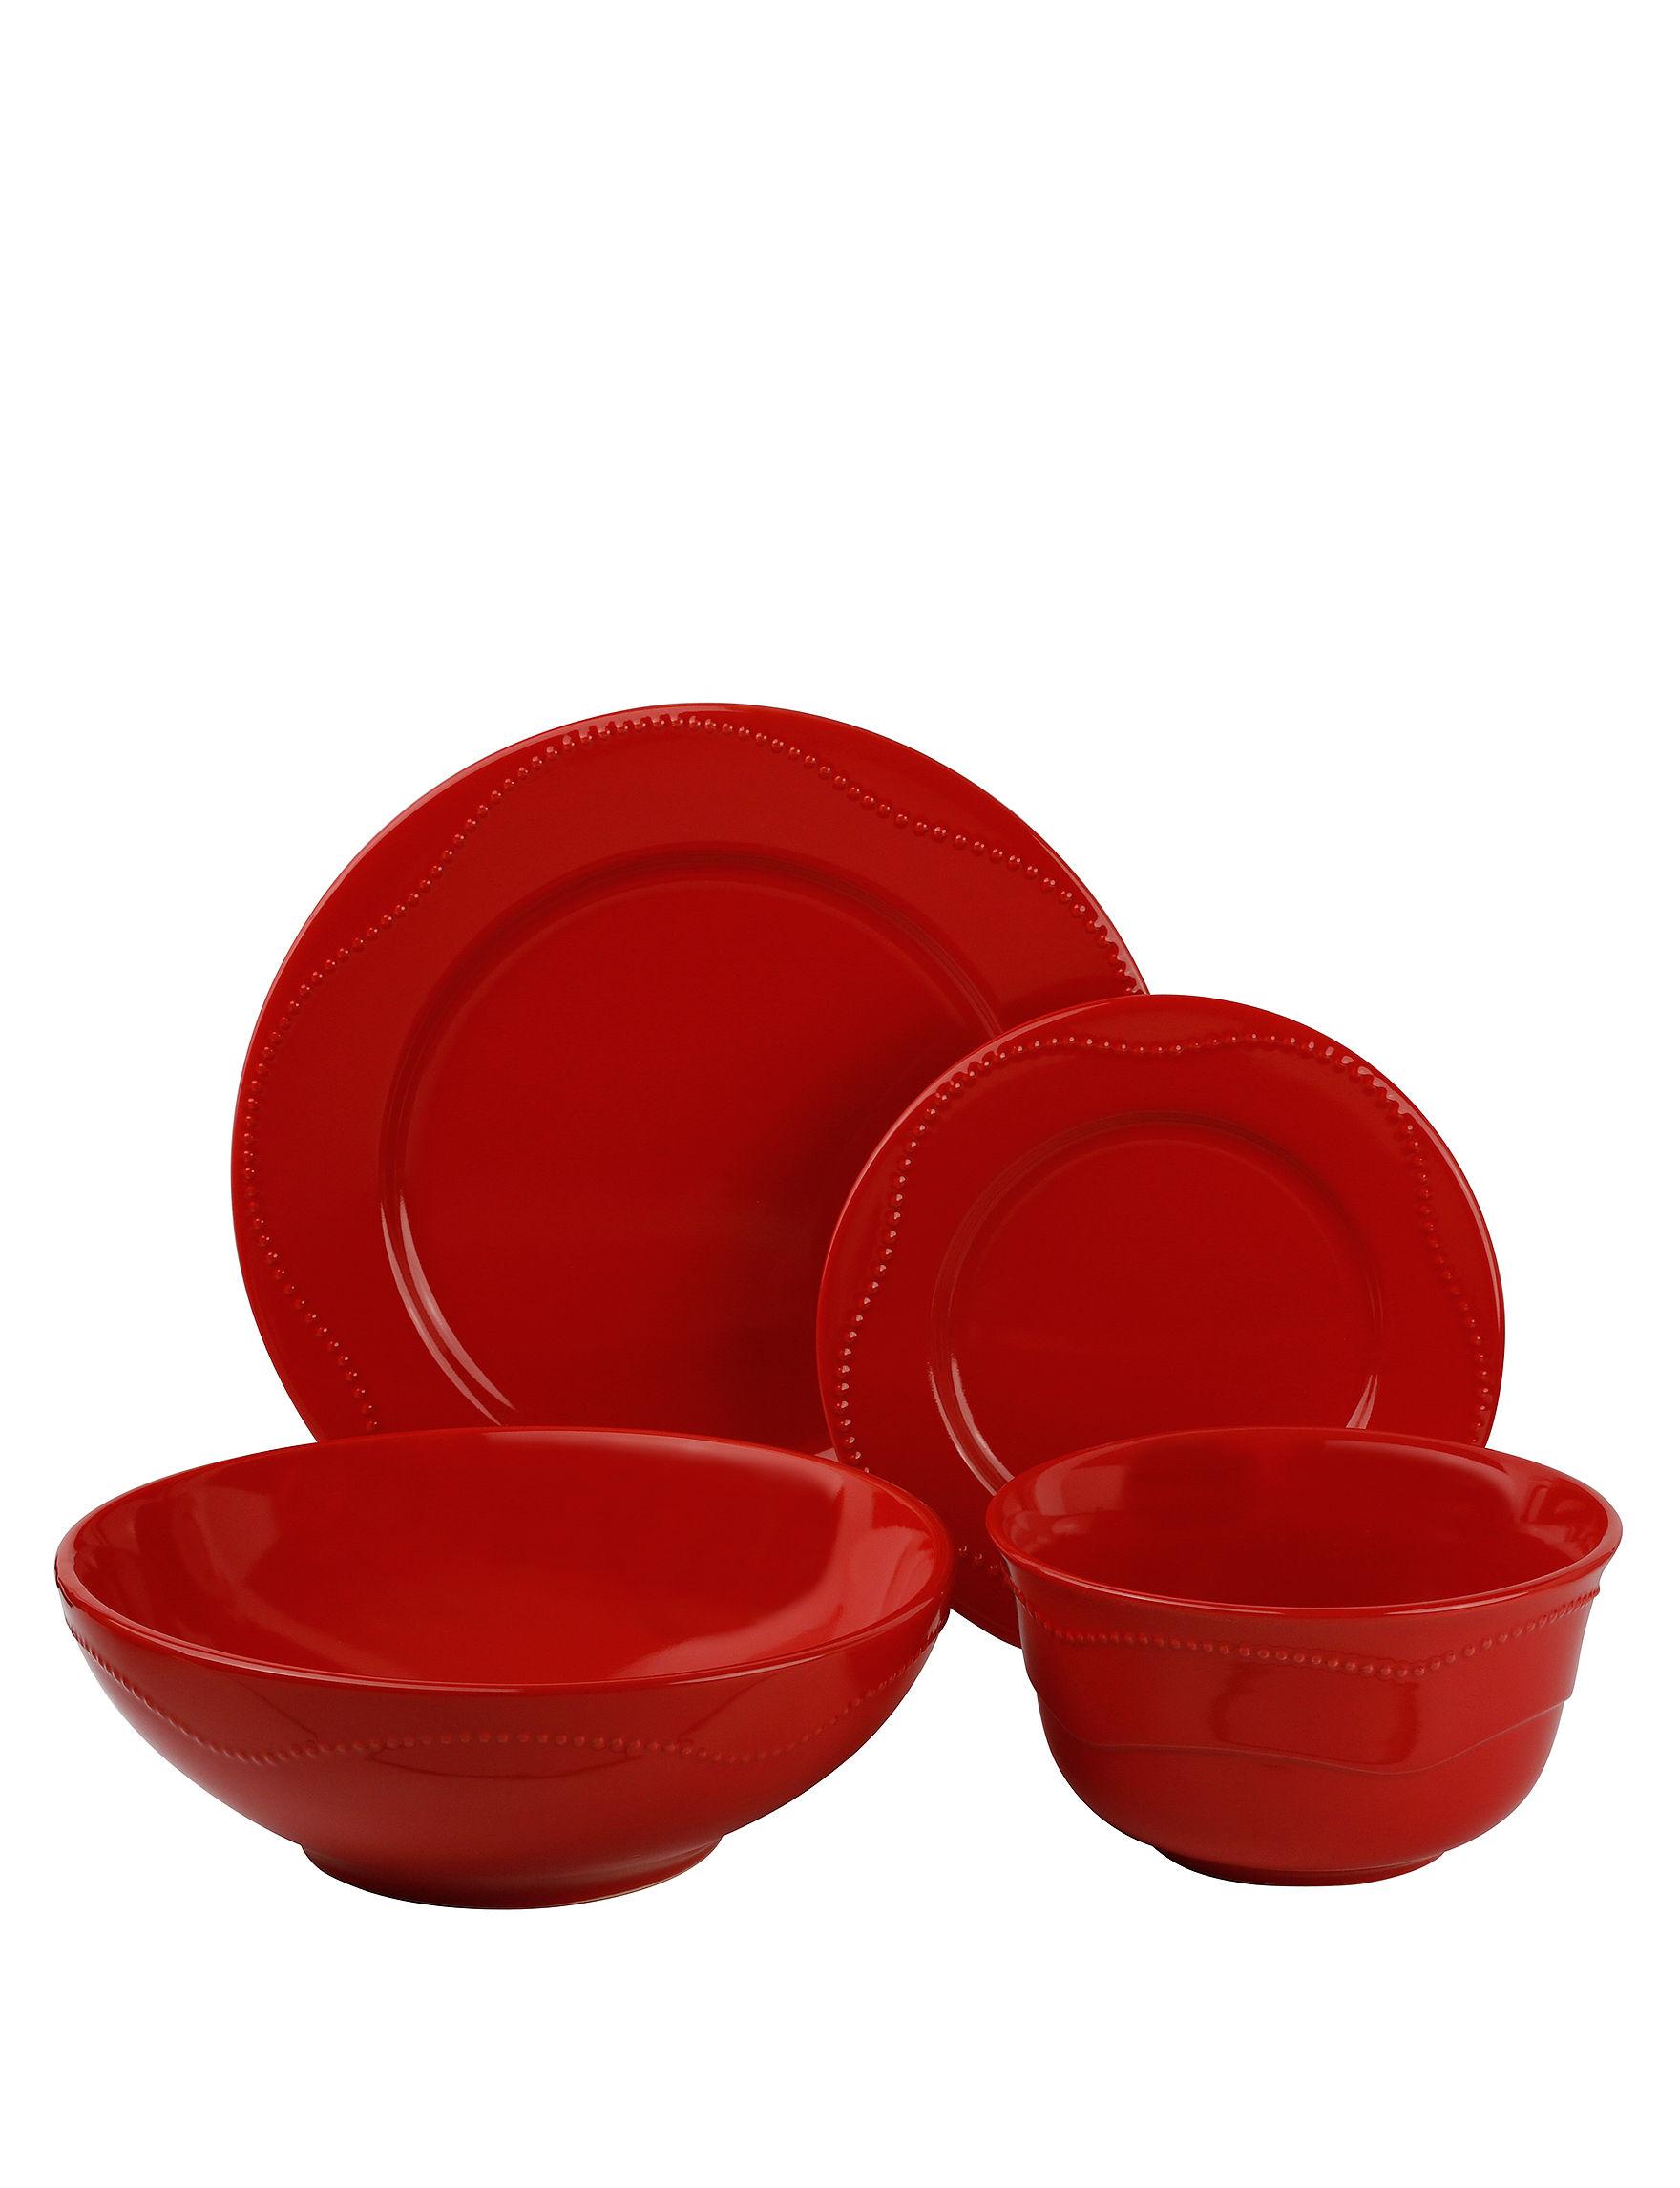 10 Strawberry Street Red Dinnerware Sets Dinnerware